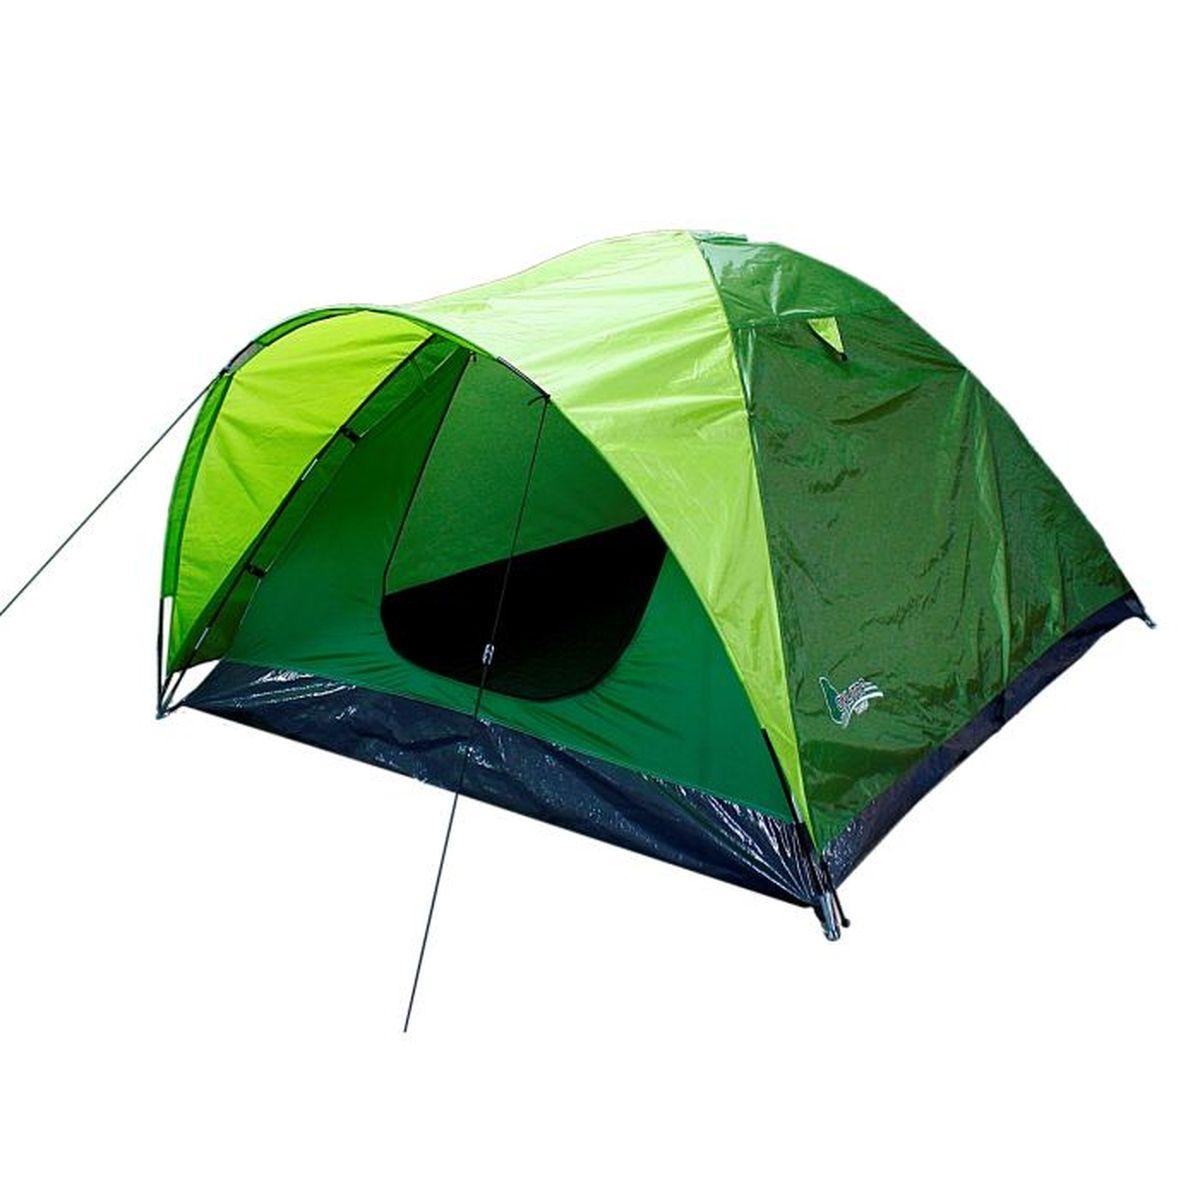 Палатка туристическая Onlitop COLITE 3, двухслойная, цвет: зеленый776289Двухслойная туристическая палатка COLITE — это незаменимое спальное место в походных условиях. Она станет вашим вторым домом в походе и отдыхе на природе. Объём палатки позволяет с комфортом разместиться трём людям сразу или двоим с дополнительным багажом. Она имеет дополнительное место в виде тамбура, за счёт чего вы сэкономите драгоценное пространство. Ткань рипстоп увеличит срок эксплуатации изделия благодаря своей прочности.Что взять с собой в поход?. Статья OZON Гид